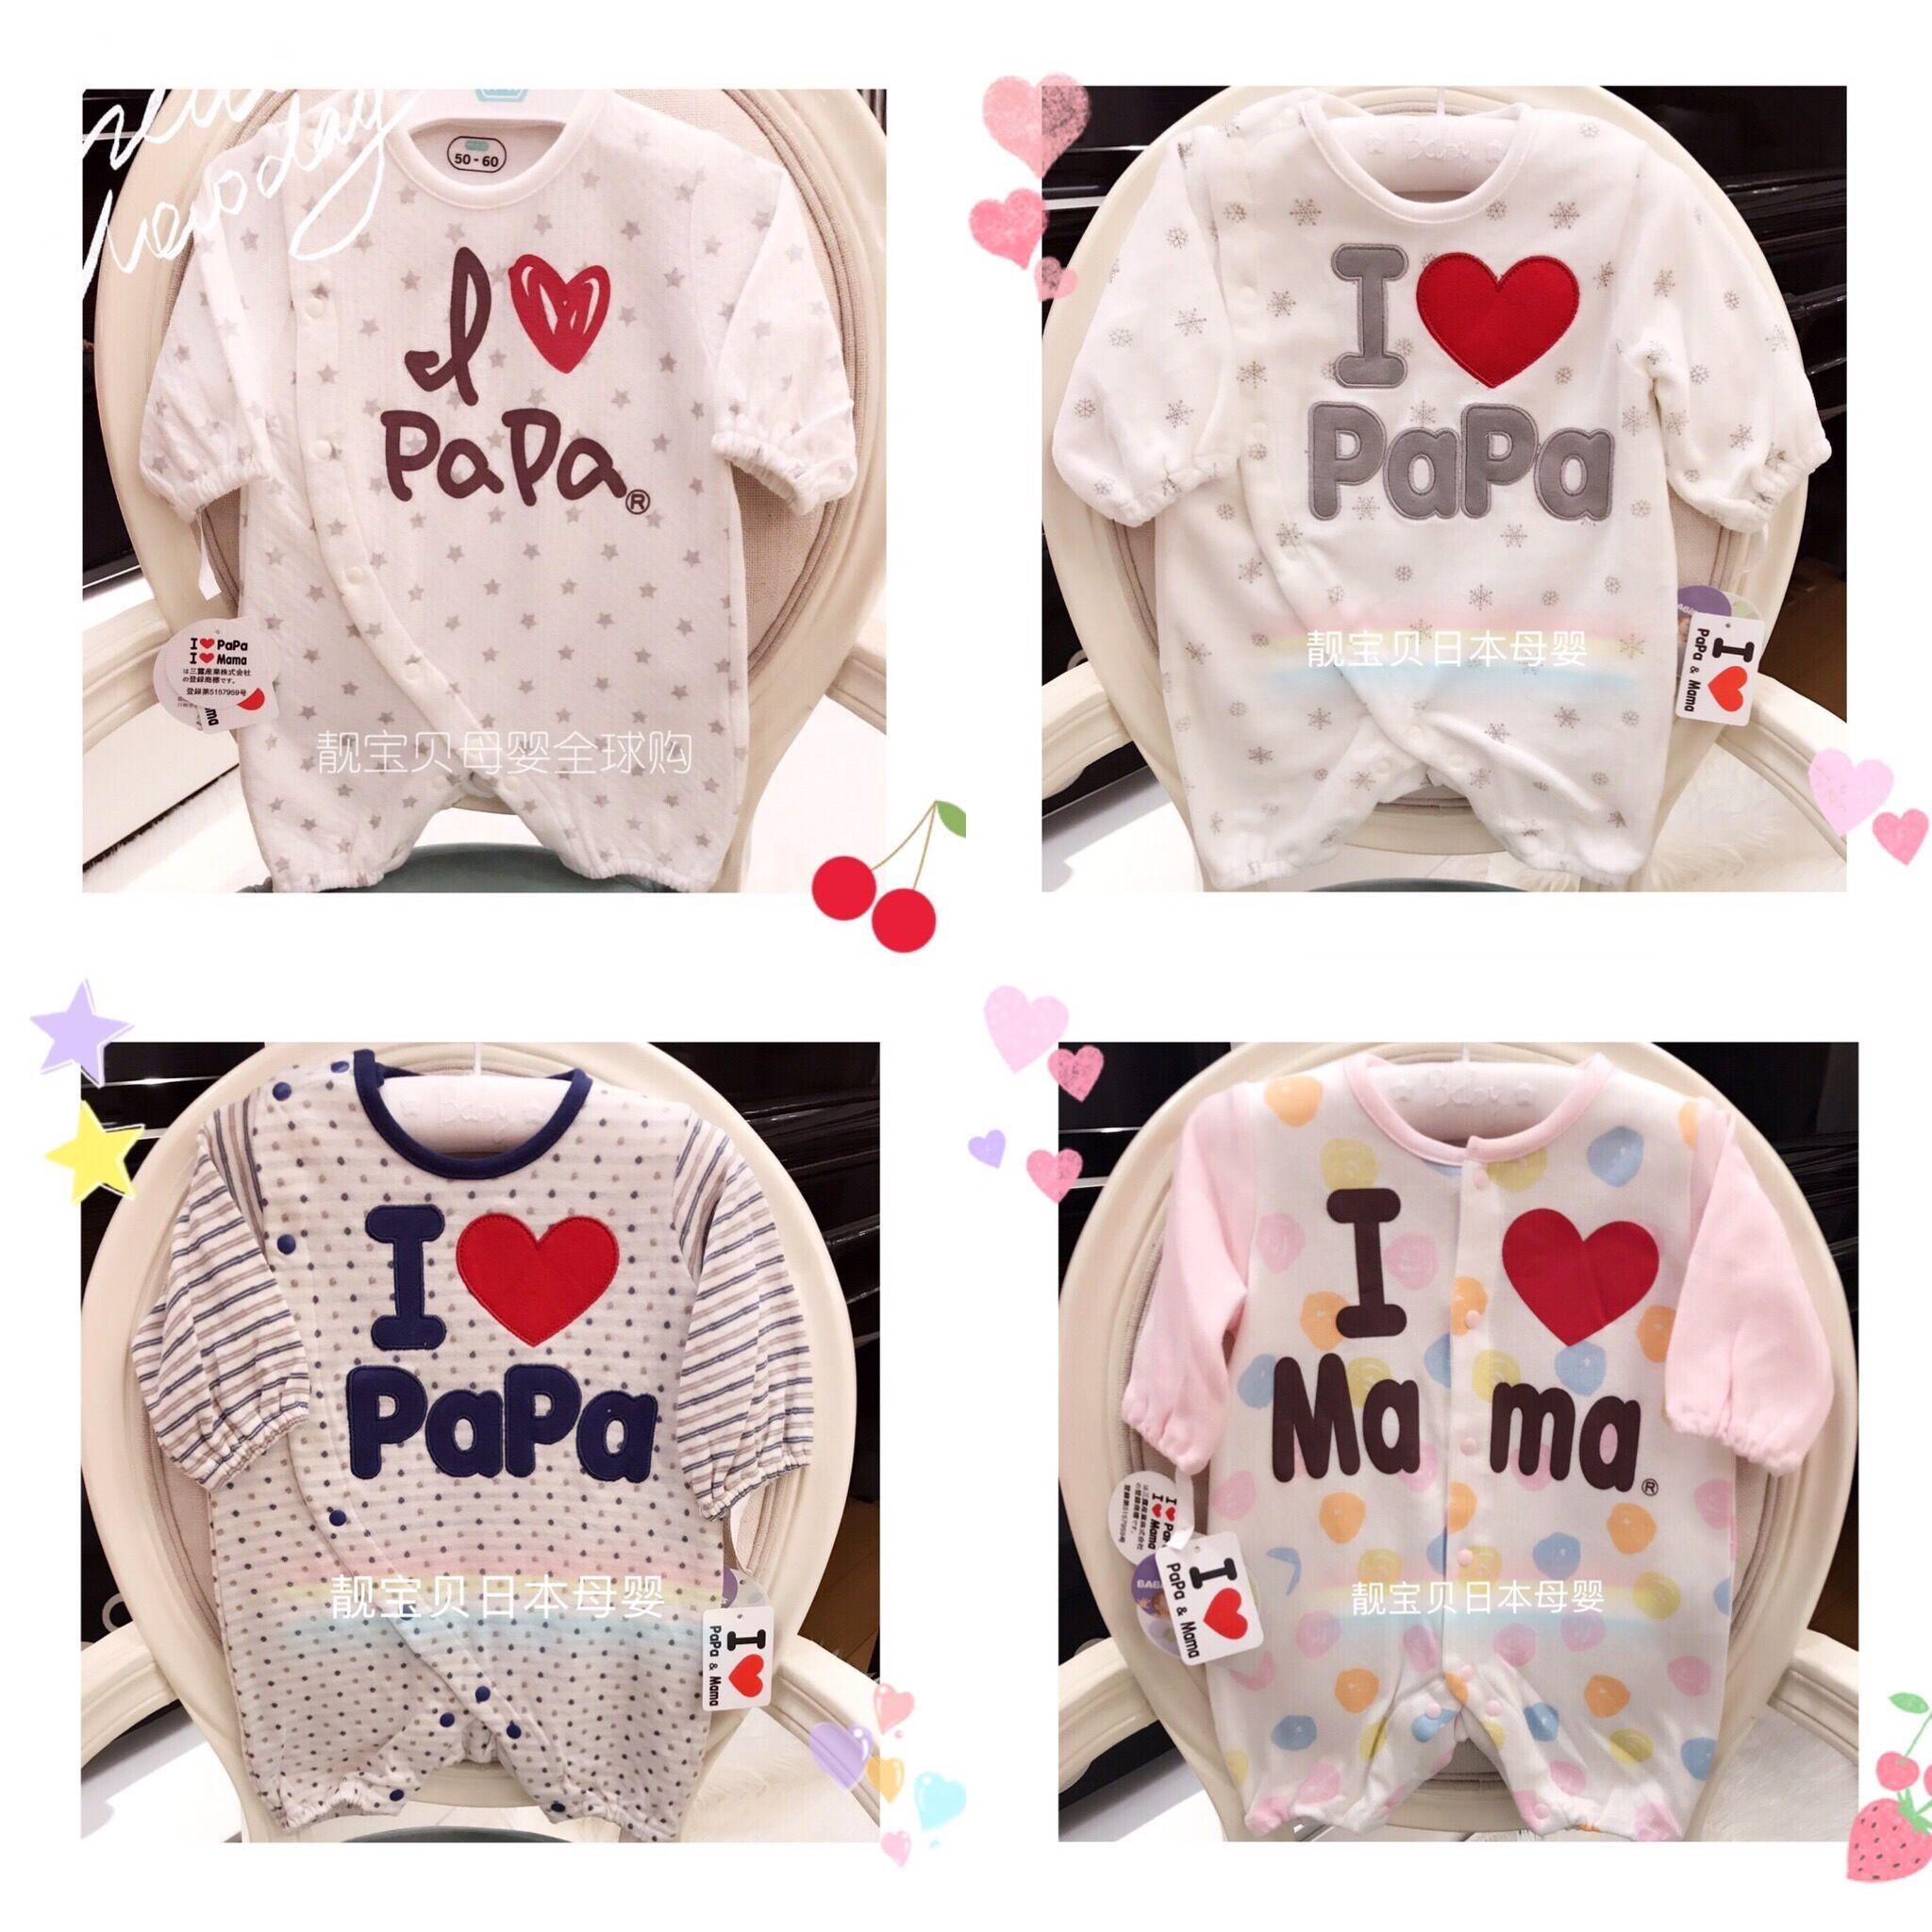 Xian япония I LOVE PAPA&MAMA я люблю папа мама новорожденный ребенок хлопок ребенок сиамский ползунки одежда